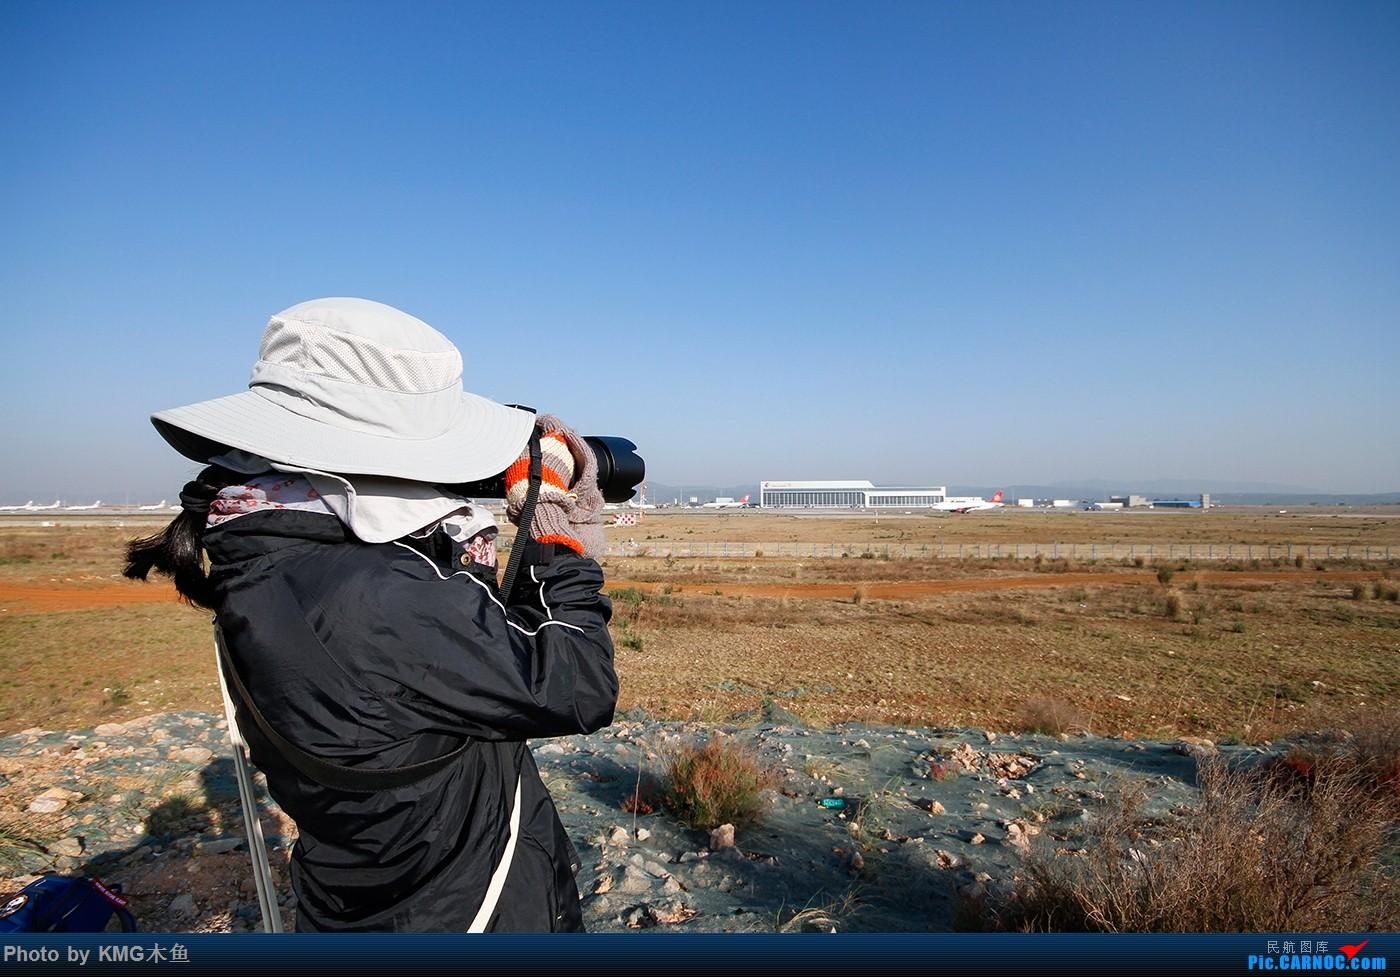 Re:[原创]【昆明长水国际机场——KMG木鱼拍机】这次拍机的人好多啊